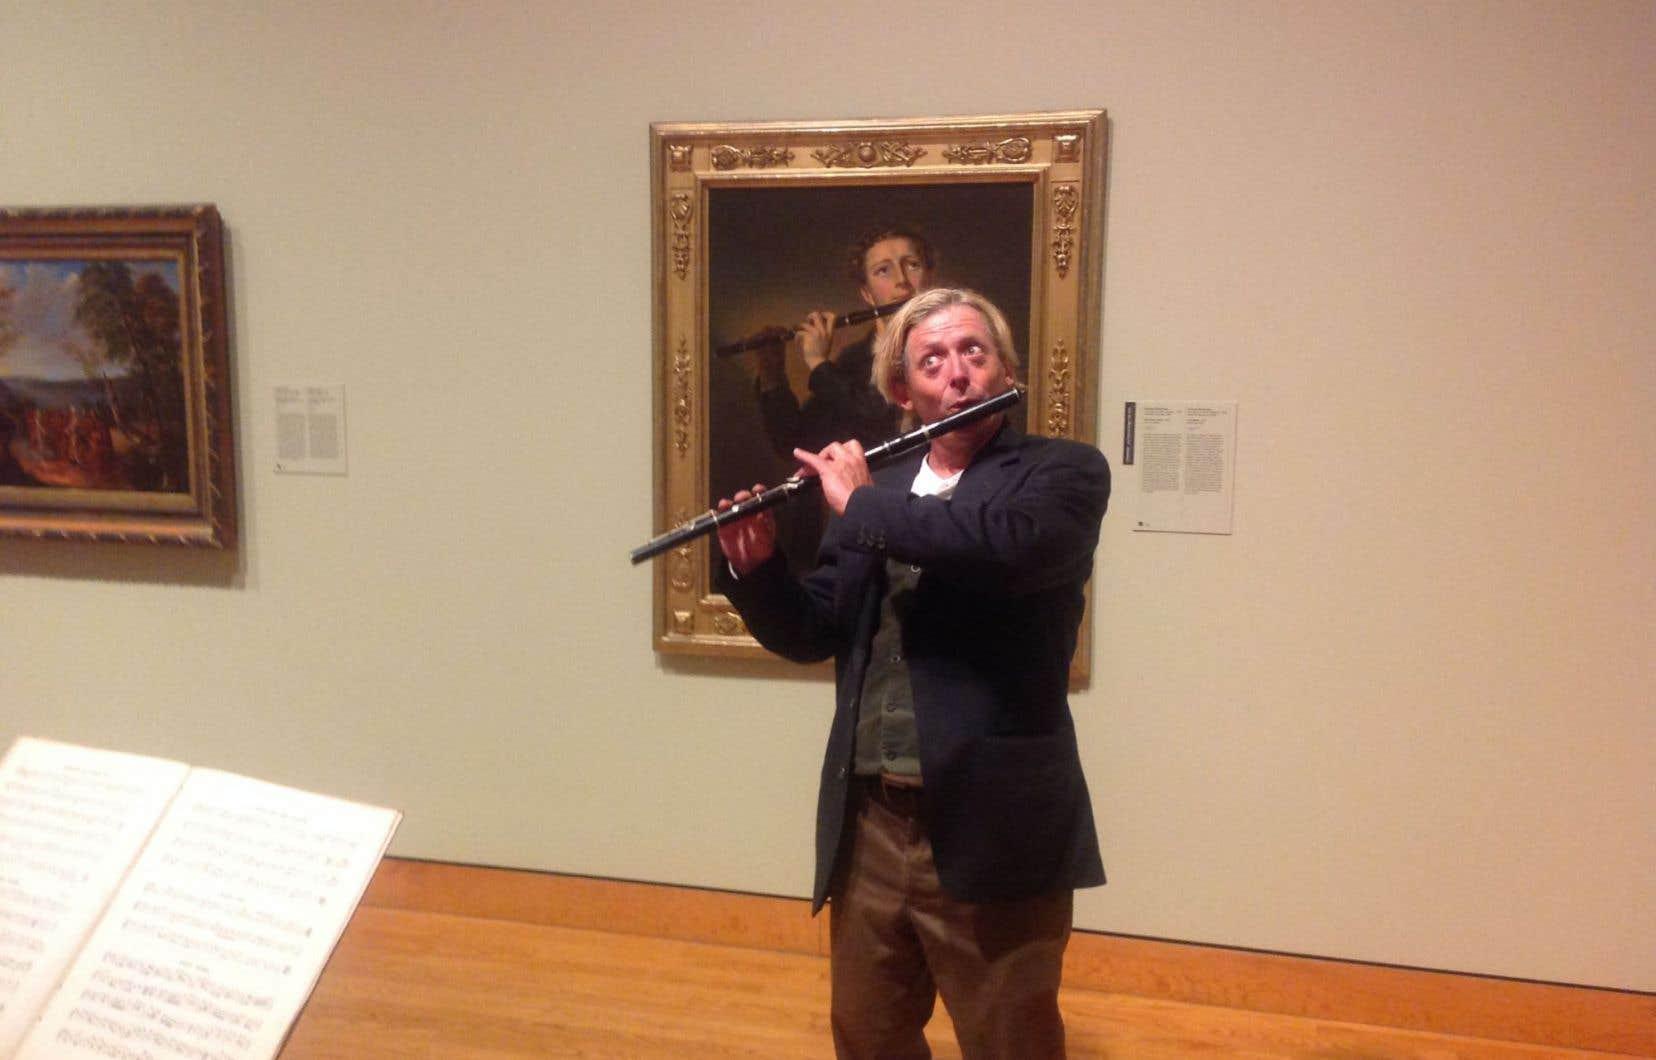 Les musiciens eux-mêmes se fondaient parfois dans le paysage, tel le flûtiste Thomas Brawn (sur la photo), devant le tableau d'un de ses prédécesseurs, dont il mimait la posture avec délectation.